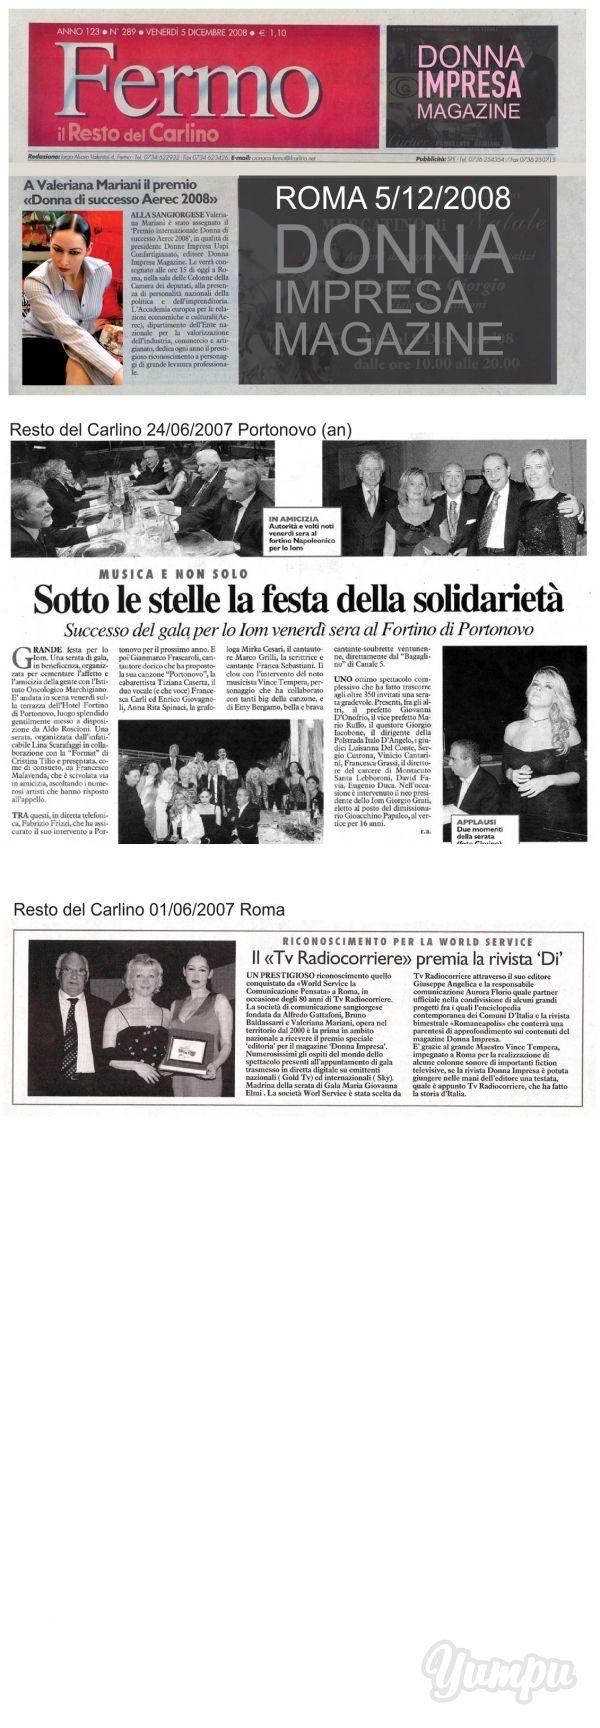 Resto del Carlino - Donna Impresa Magazine - Magazine with 2 pages: Resto del Carlino - Donna Impresa Magazine